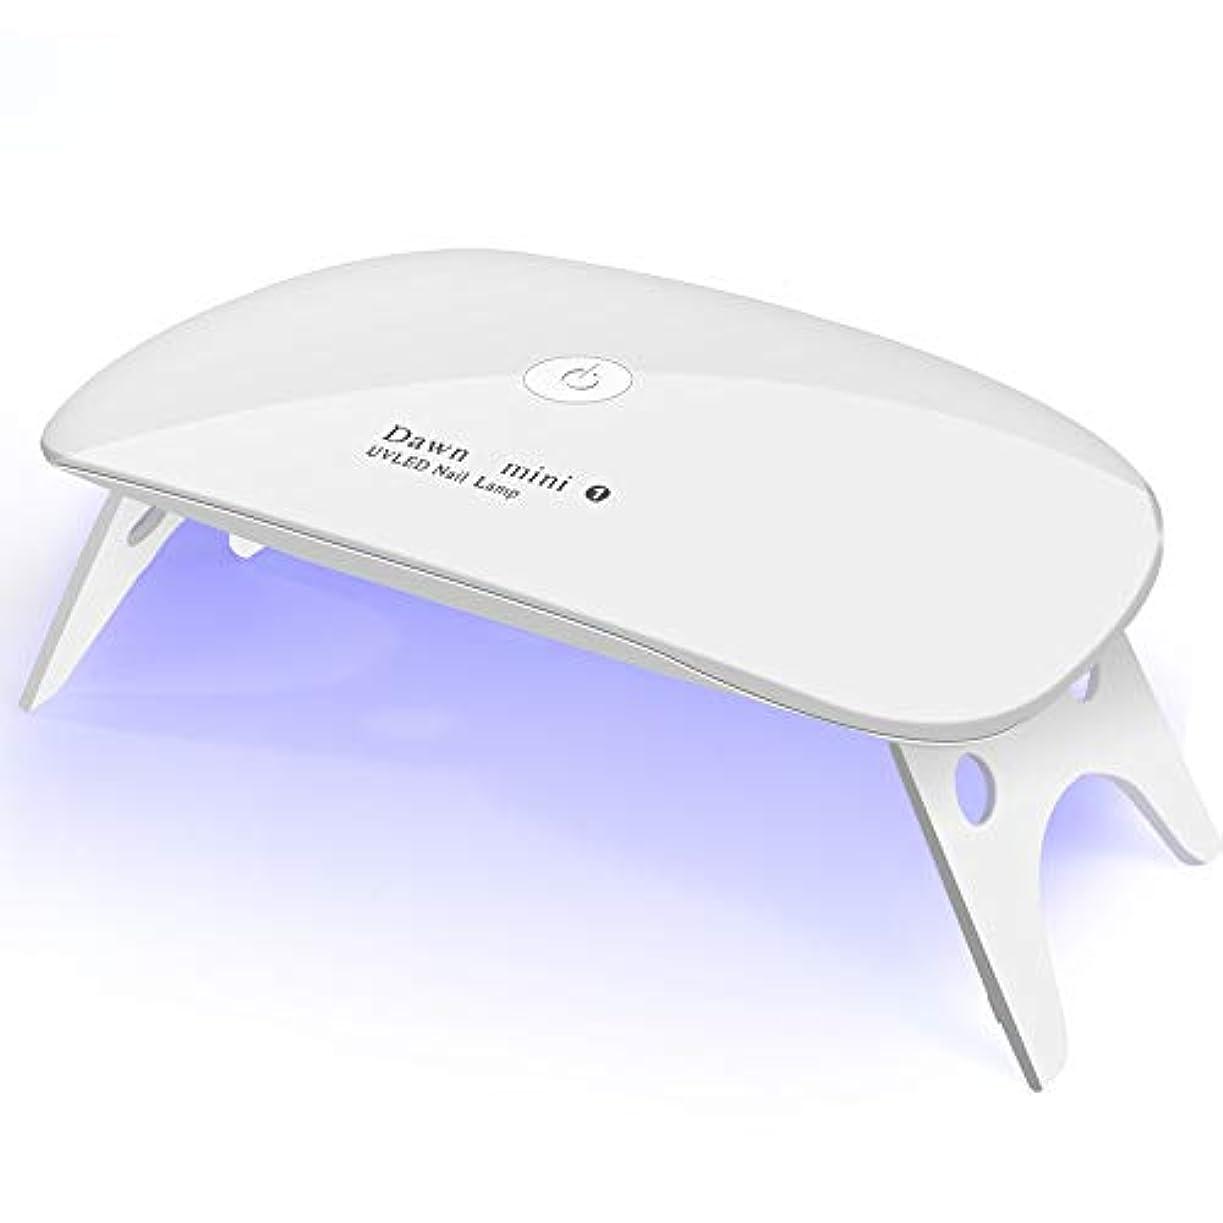 ライドメカニック発明するUVライト LEDネイルドライヤー ジェルネイルLEDライト 硬化ライト タイマー設定可能 折りたたみ式手足とも使える 人感センサー式 UV と LEDダブルライト ジェルネイル用 (ホワイト )